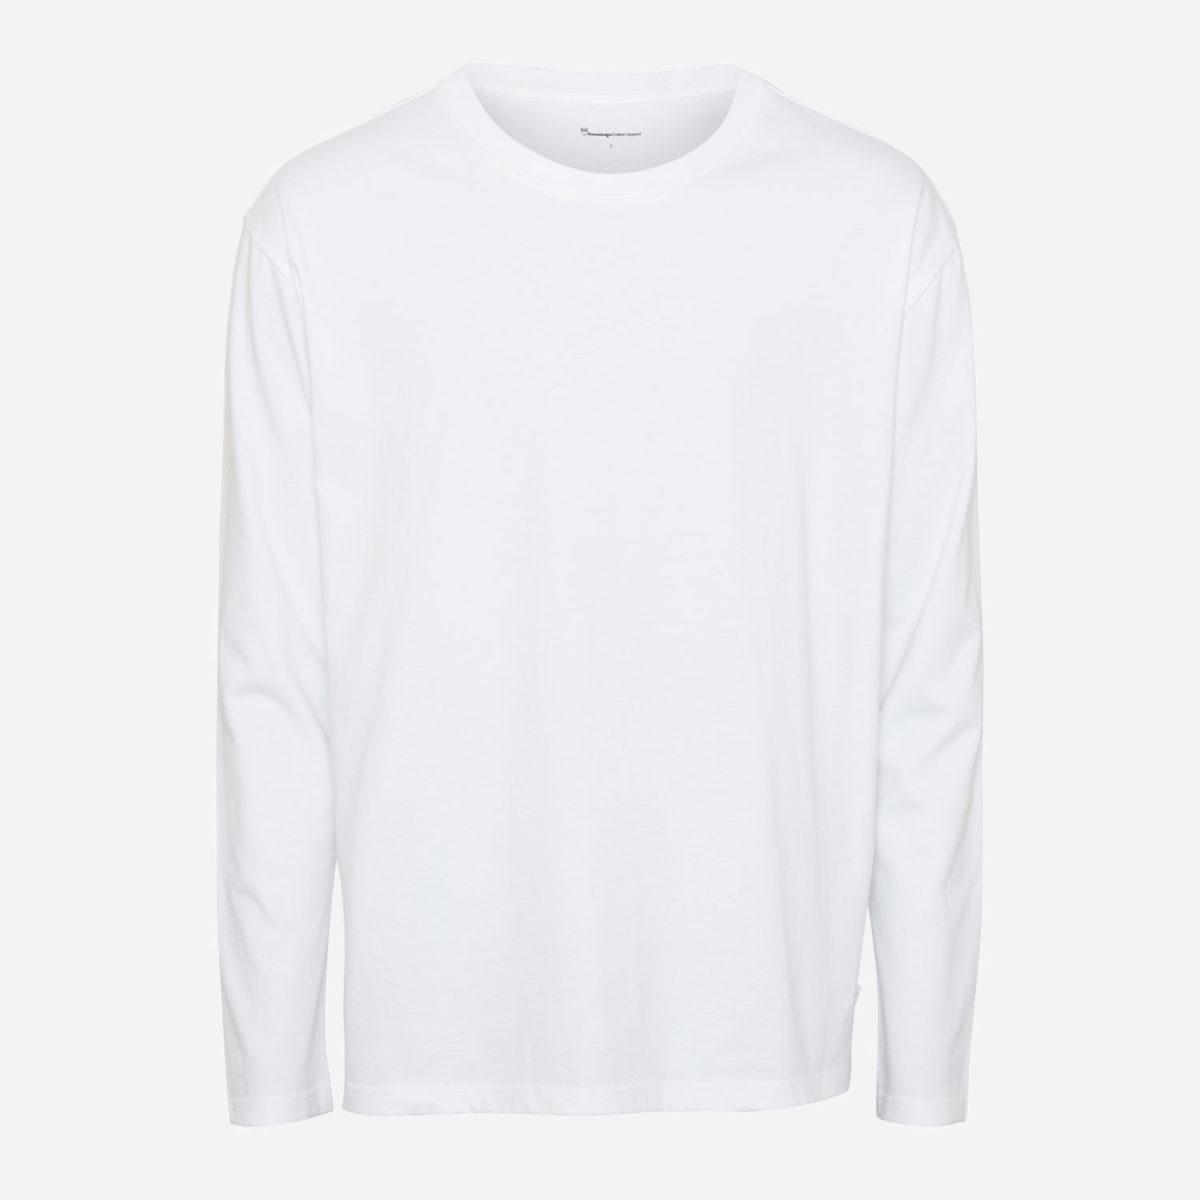 Walnut från Knowledge Cotton Apparel är tillverkad av 100% ekologisk bomull. Rundhalsad krage med tunna muddar i midja samt ärmslut.Denperfekta mittemellan-tröjan som ger ett elegant &avslappnat uttryck.